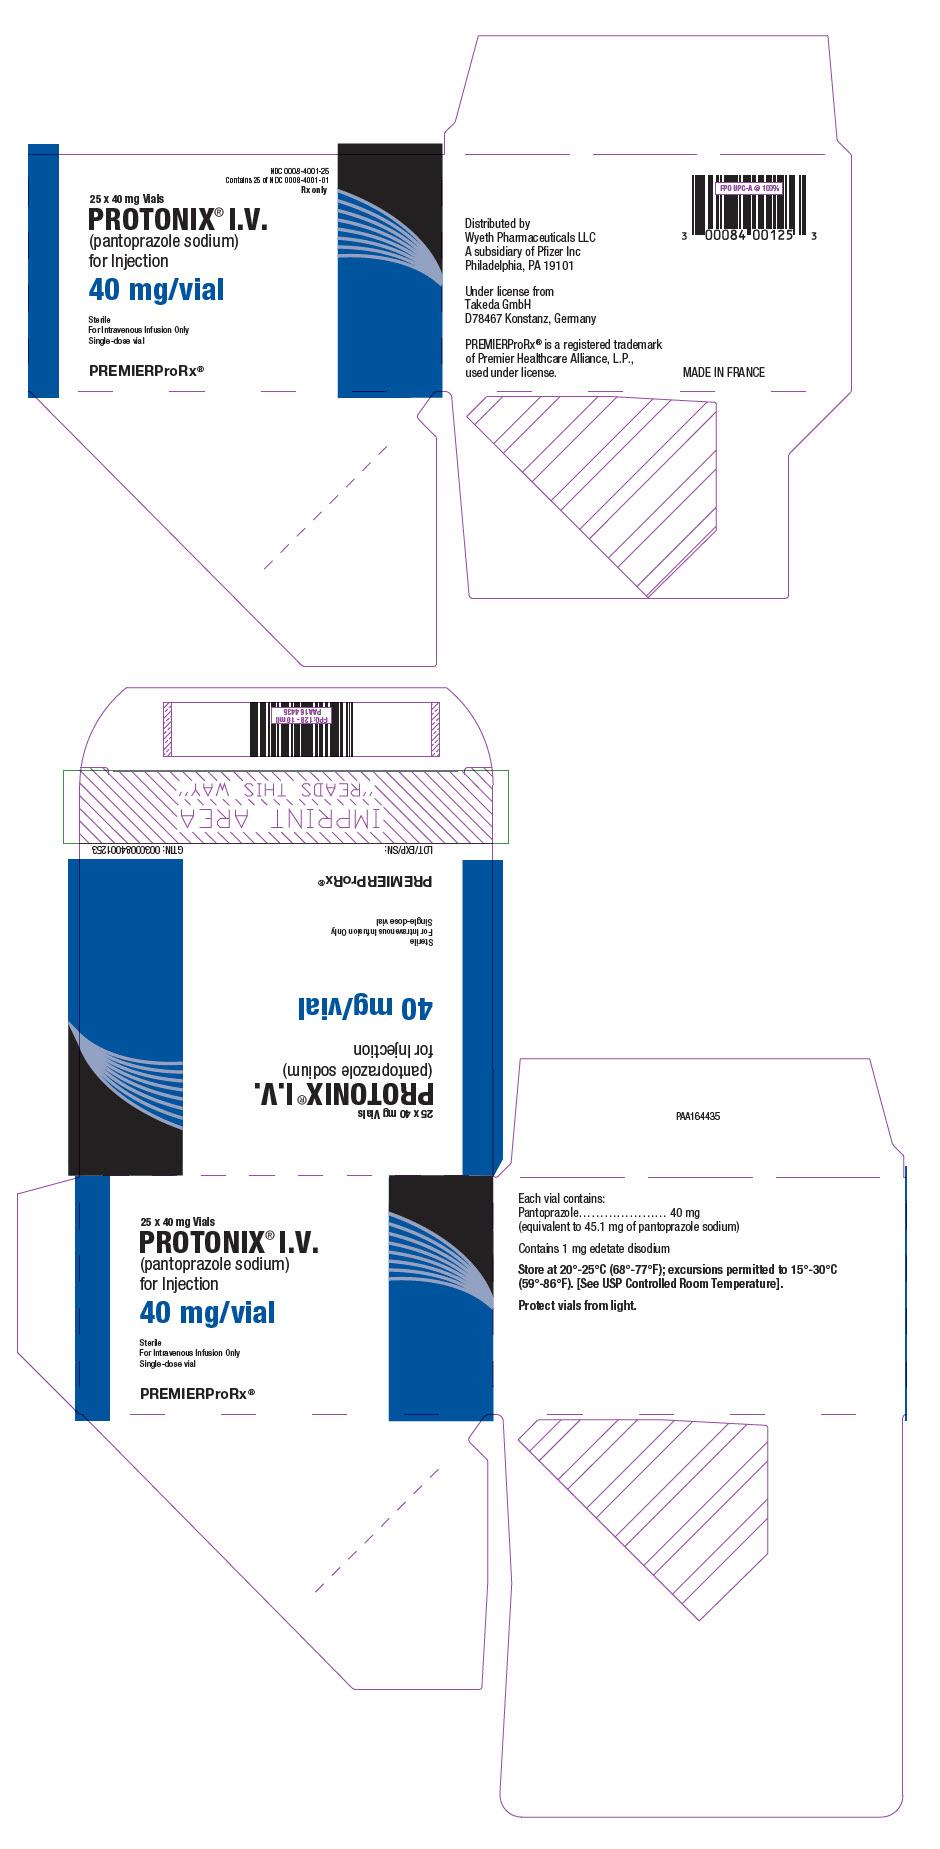 Wizmed Drug Label for Wyeth Pharmaceuticals LLC, a subsidiary of Pfizer  - PANTOPRAZOLE SODIUM NDC number 0008-4001-10, 0008-4001-25